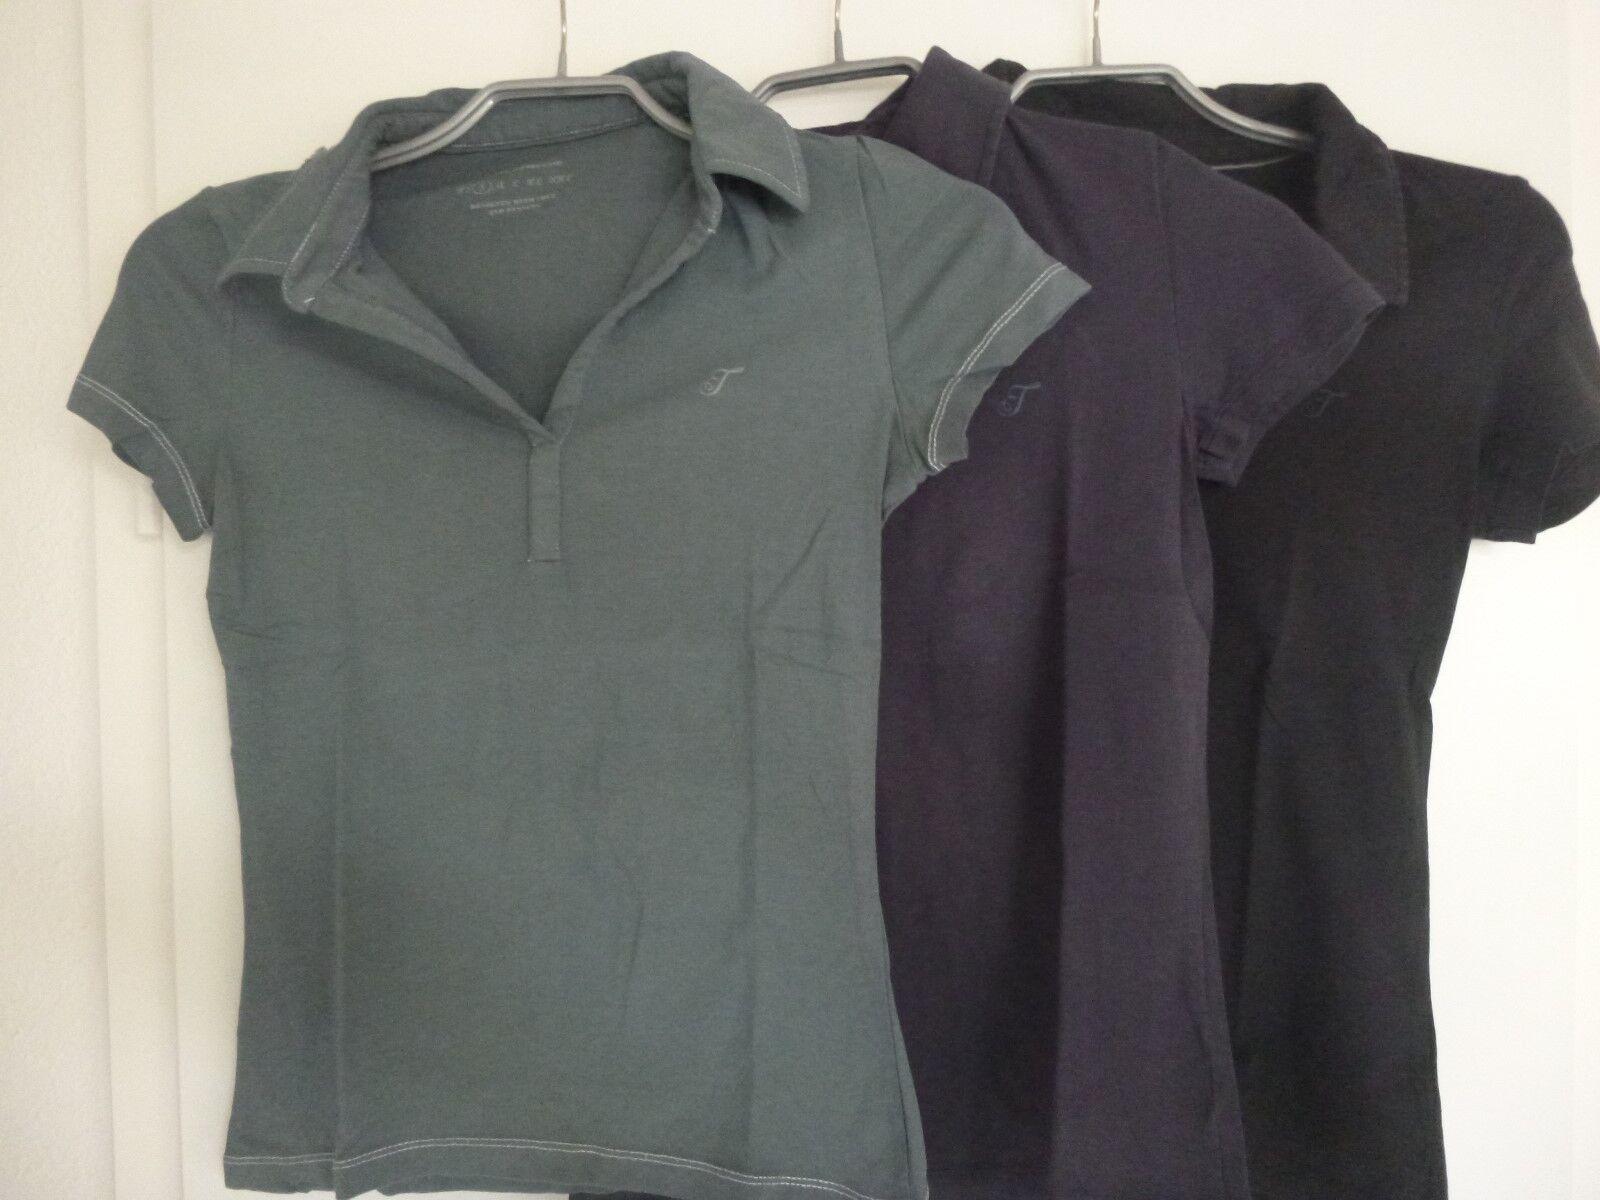 Tom Tailor T-Shirts mir Kragen 3er Set schwarz, blau, grau S 36